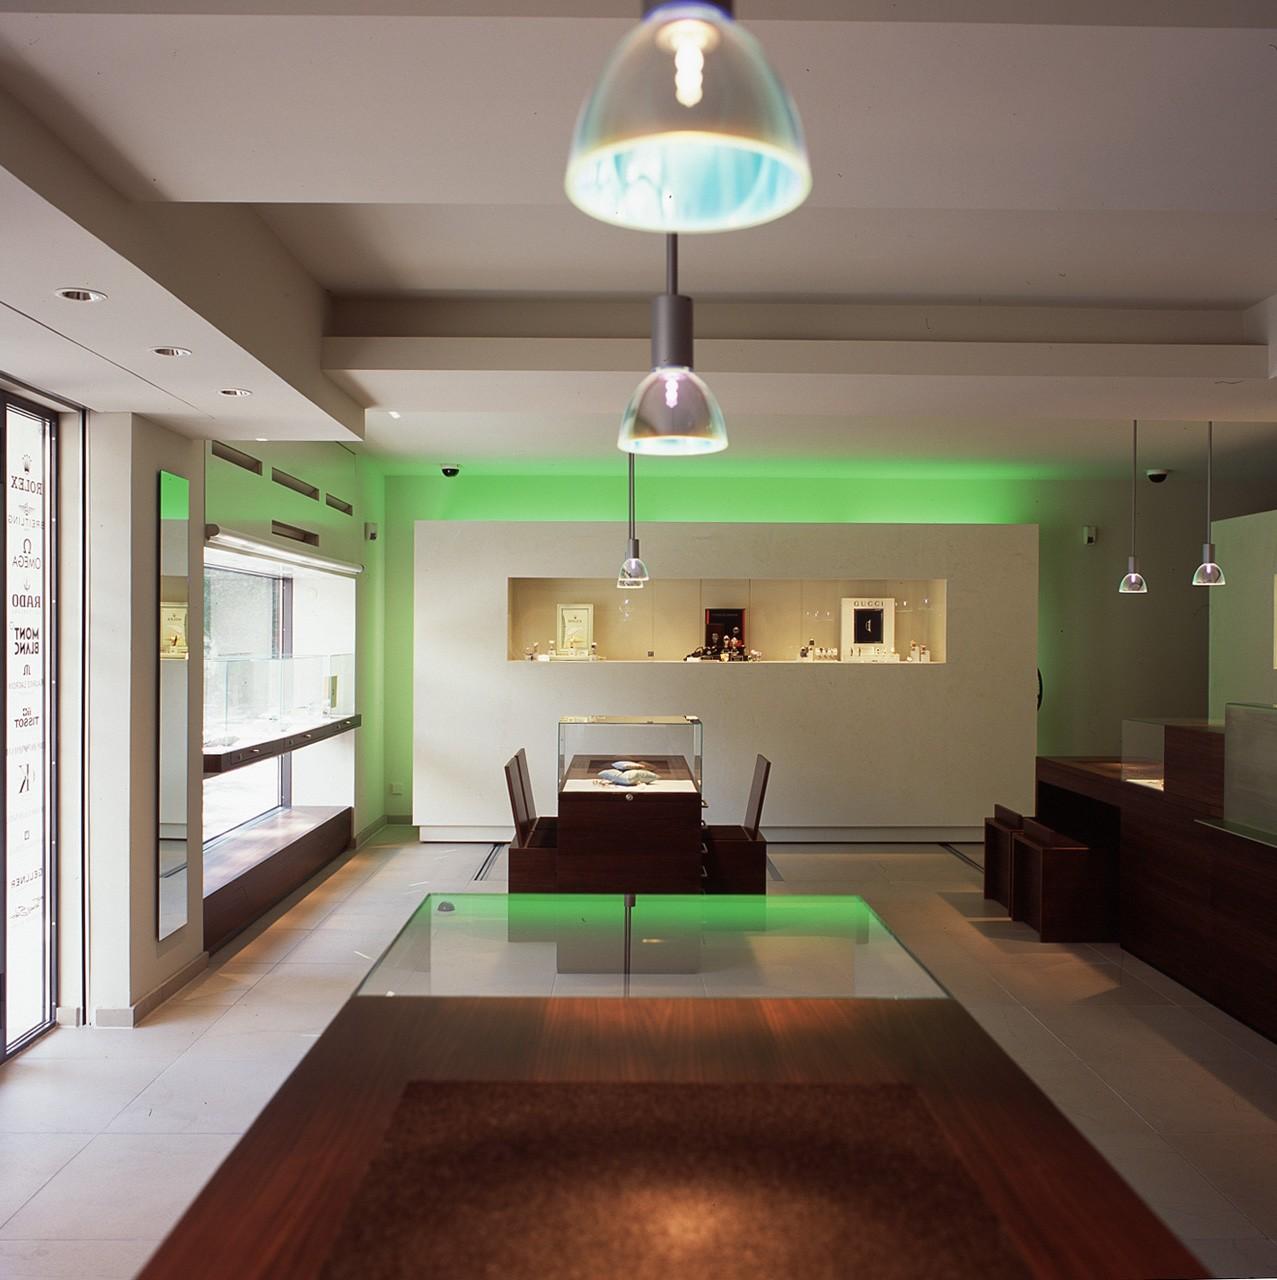 architektur-plus-raum-juwelier-mueller-10_Katego-header-6